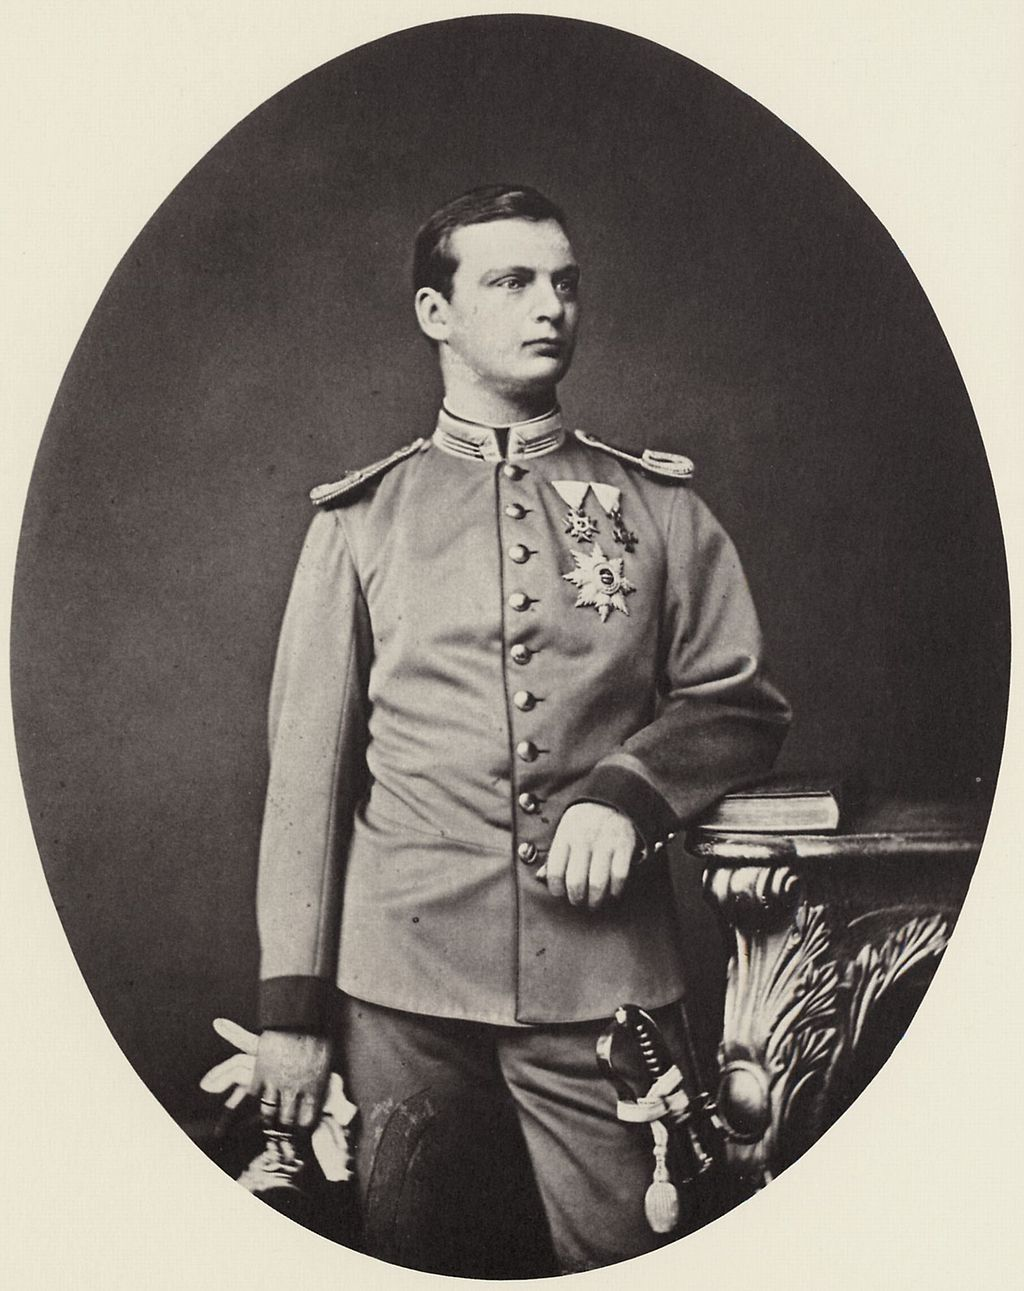 A Young Ludwig III